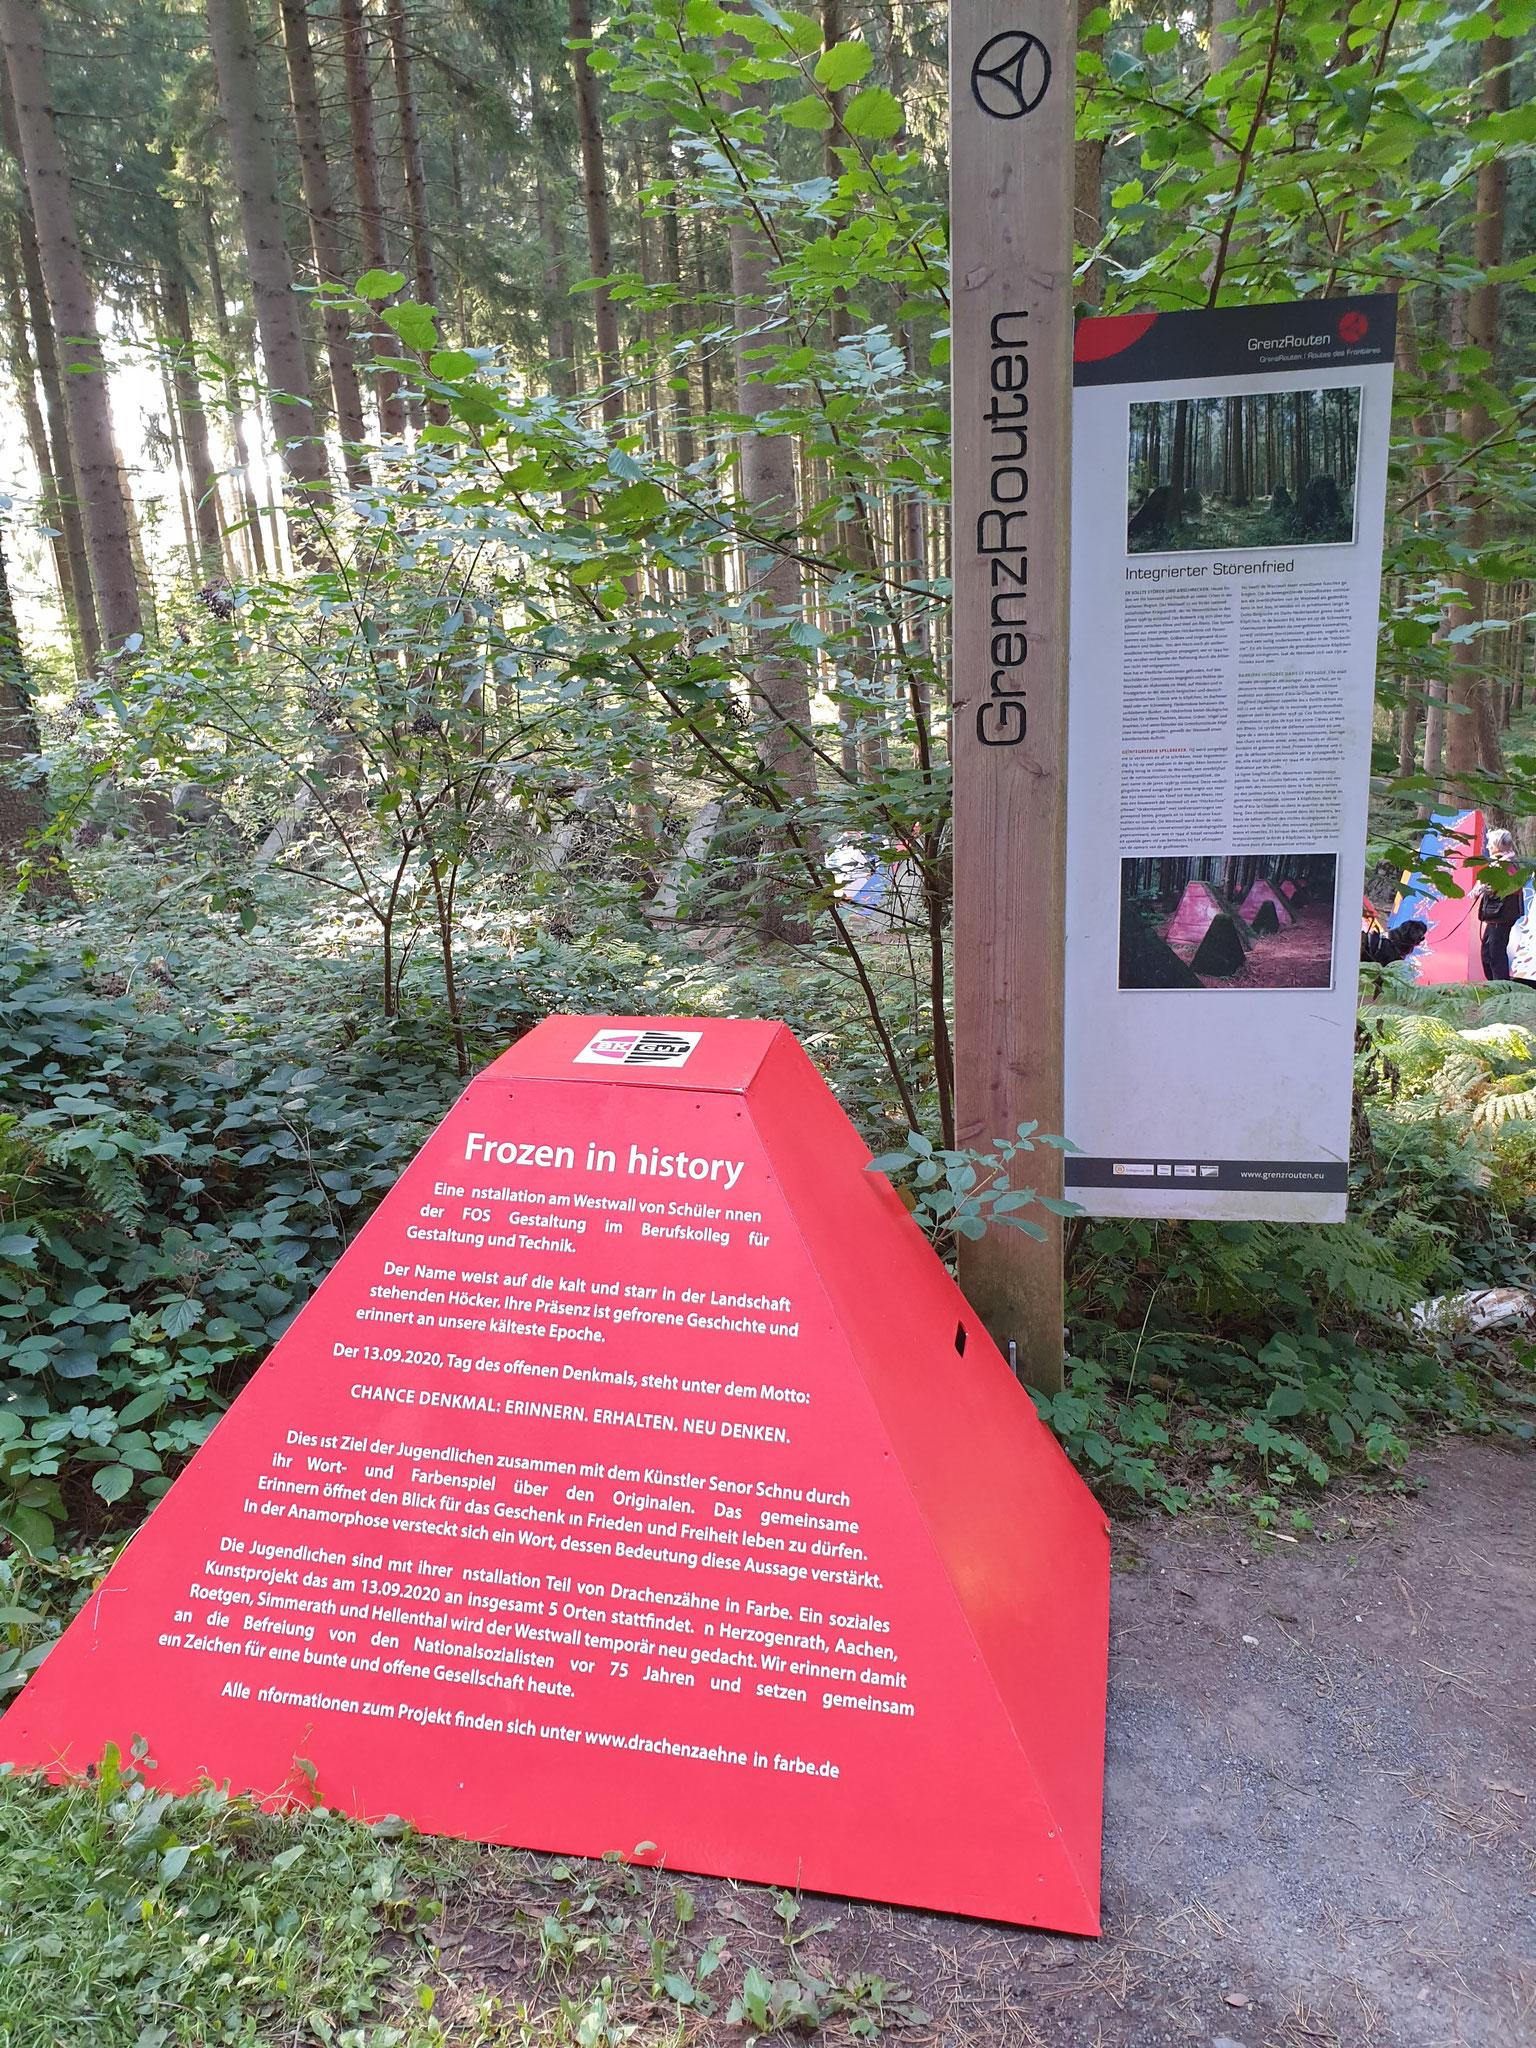 Kunstprojekt Drachenzähne in Farbe am Rotsiefweg bei Köpfchen